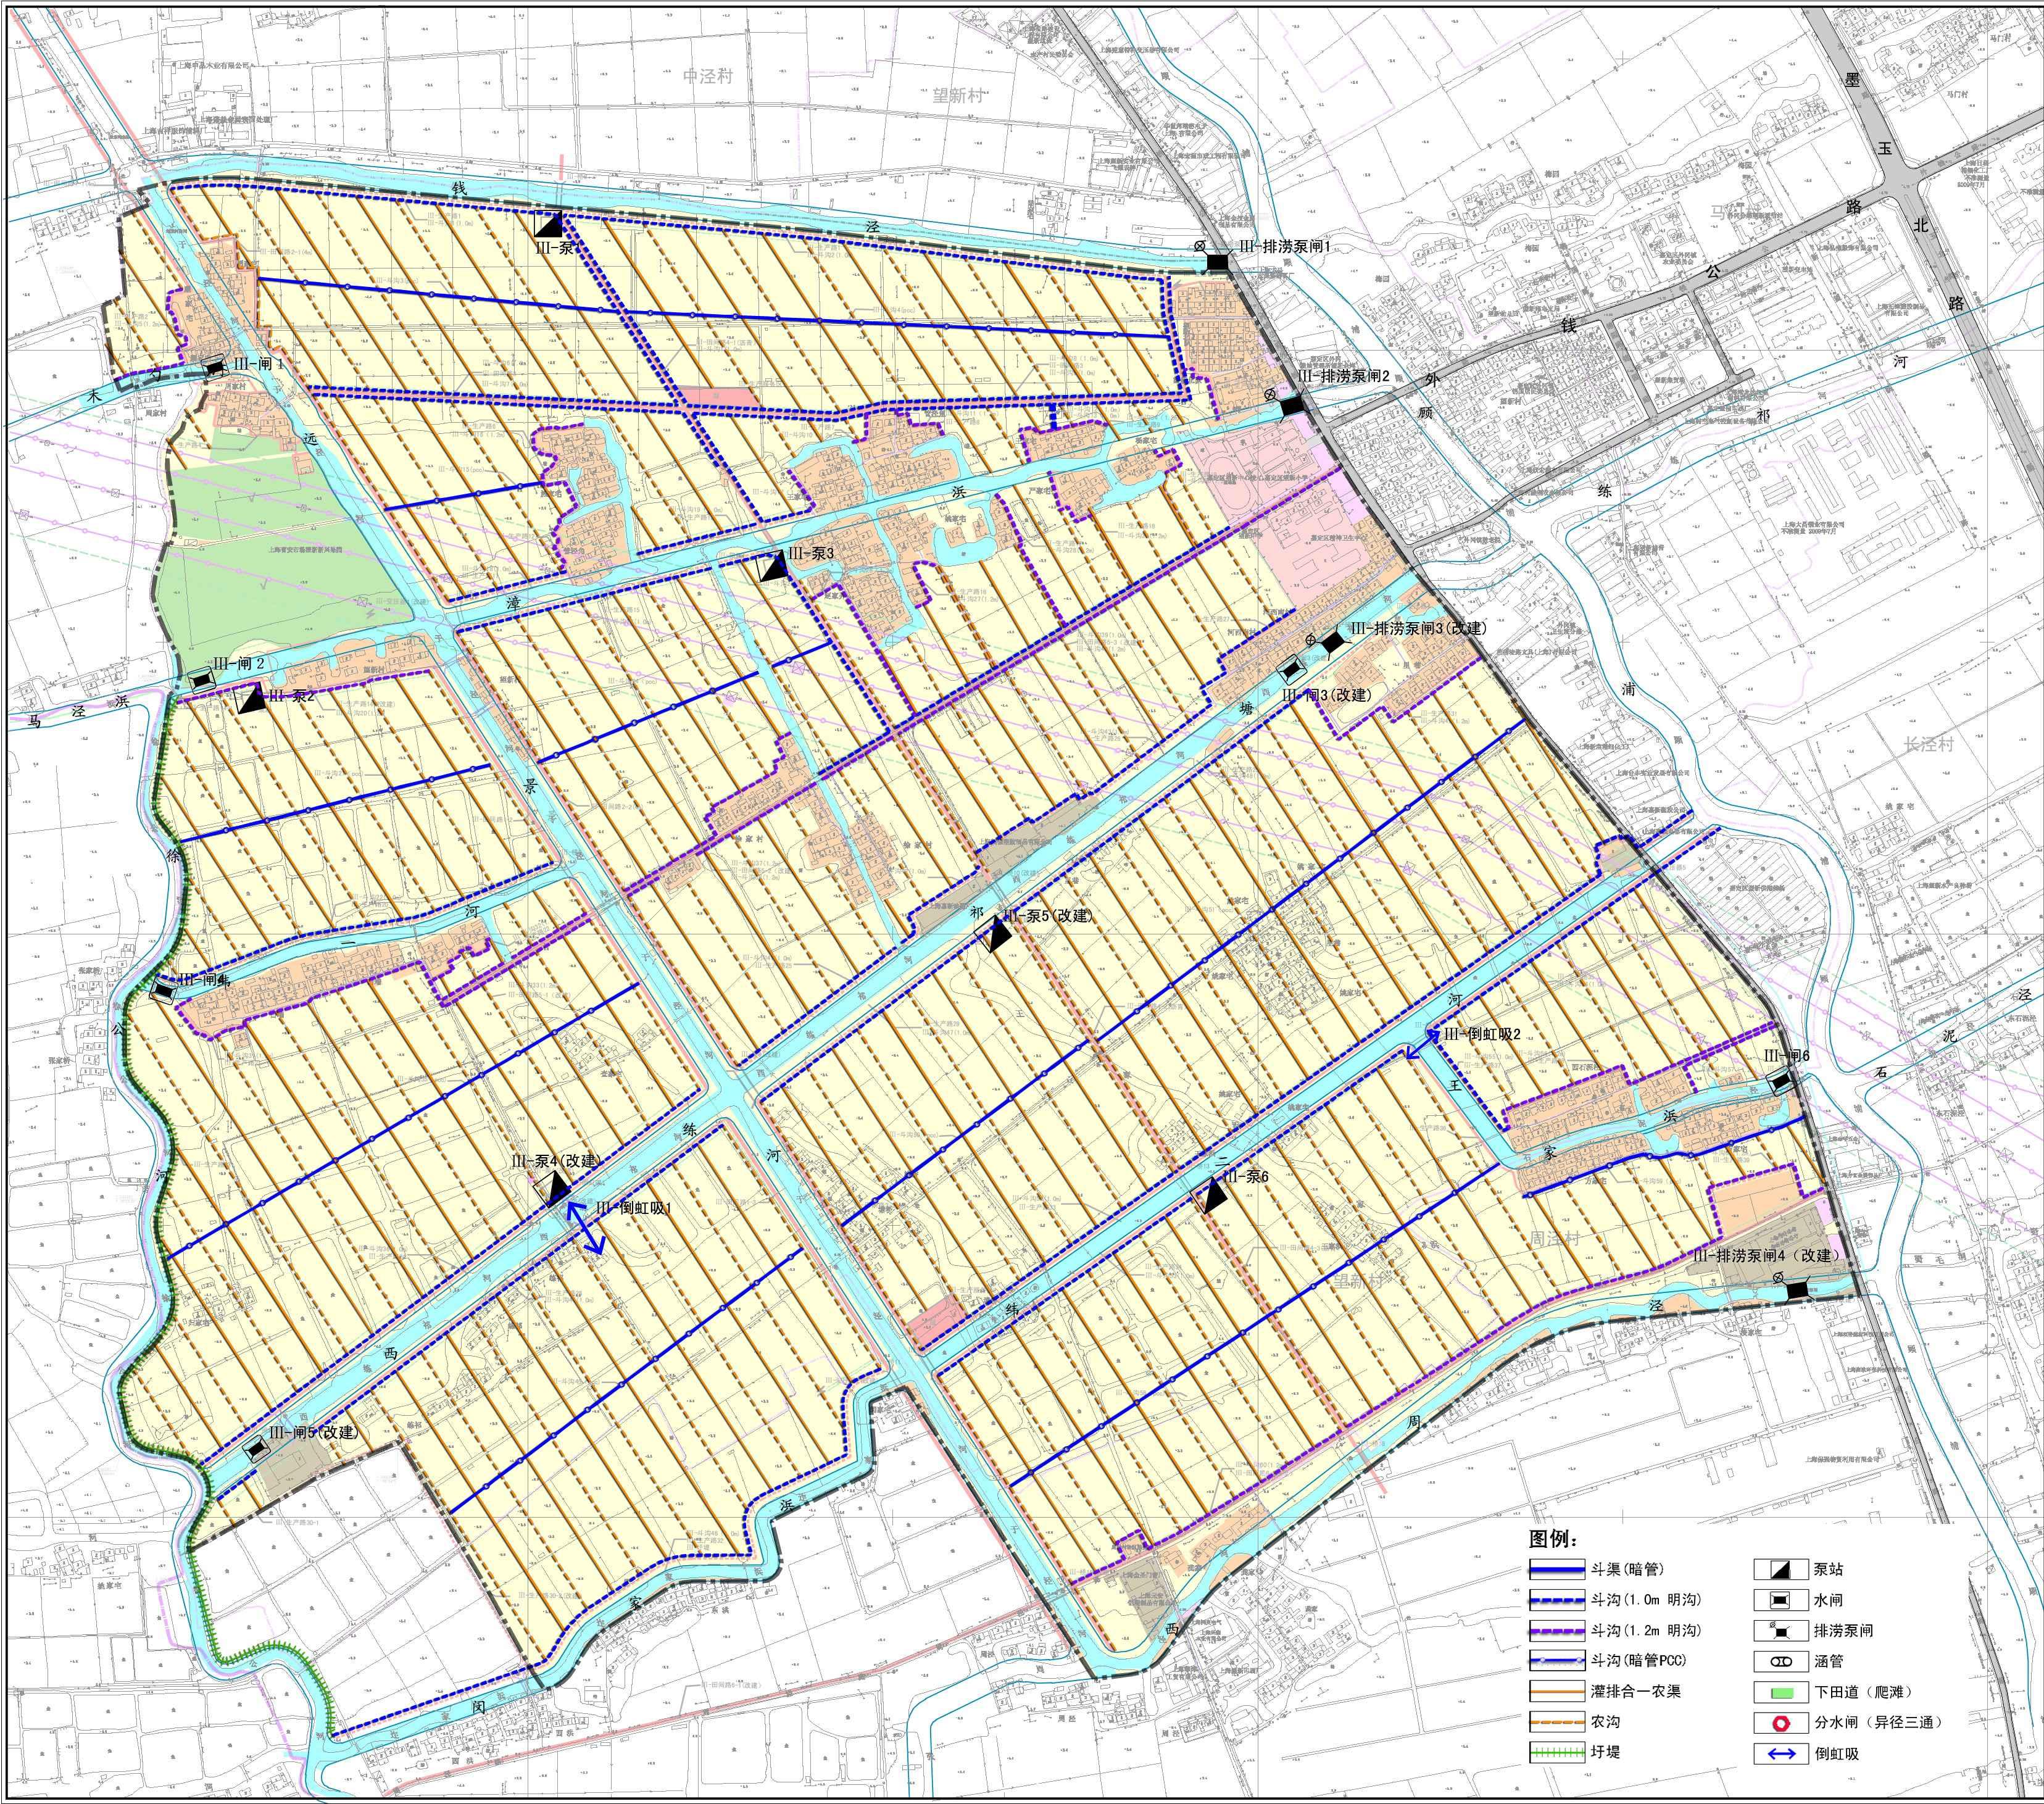 片区灌排系统规划图